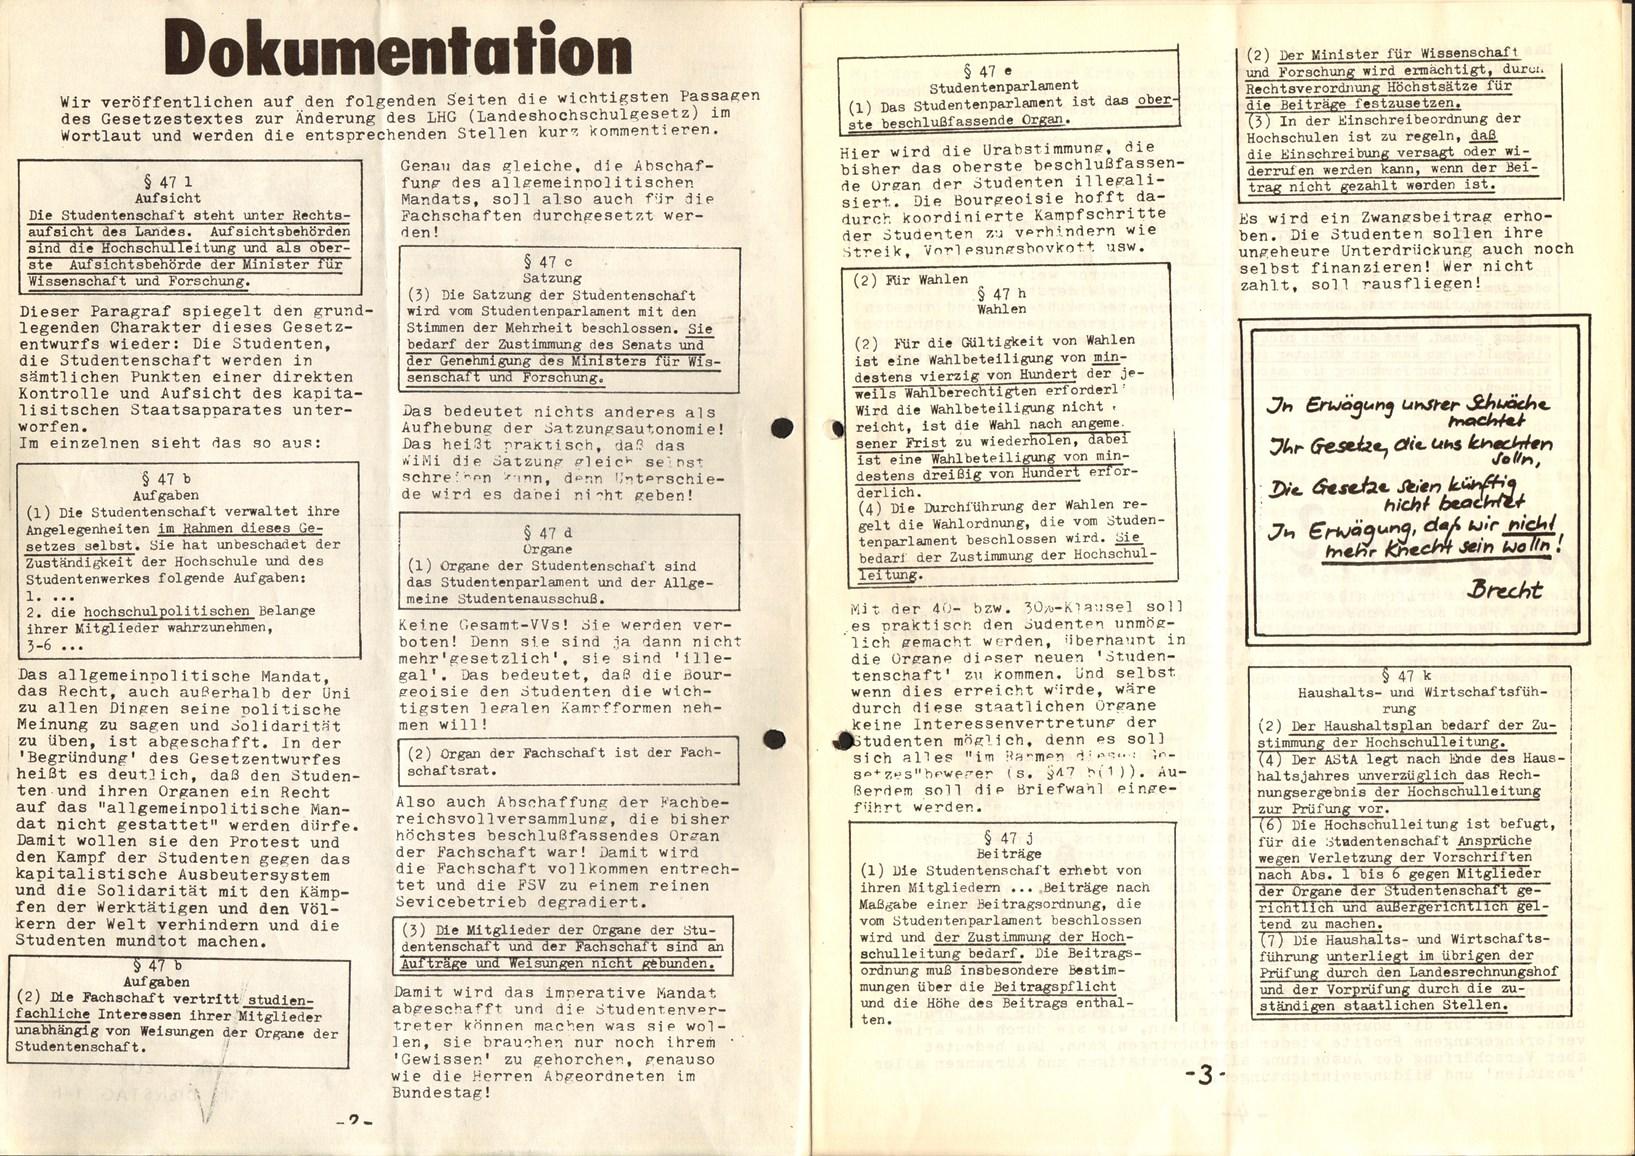 Essen_KSBML_Rote_Studenten_19770100_02